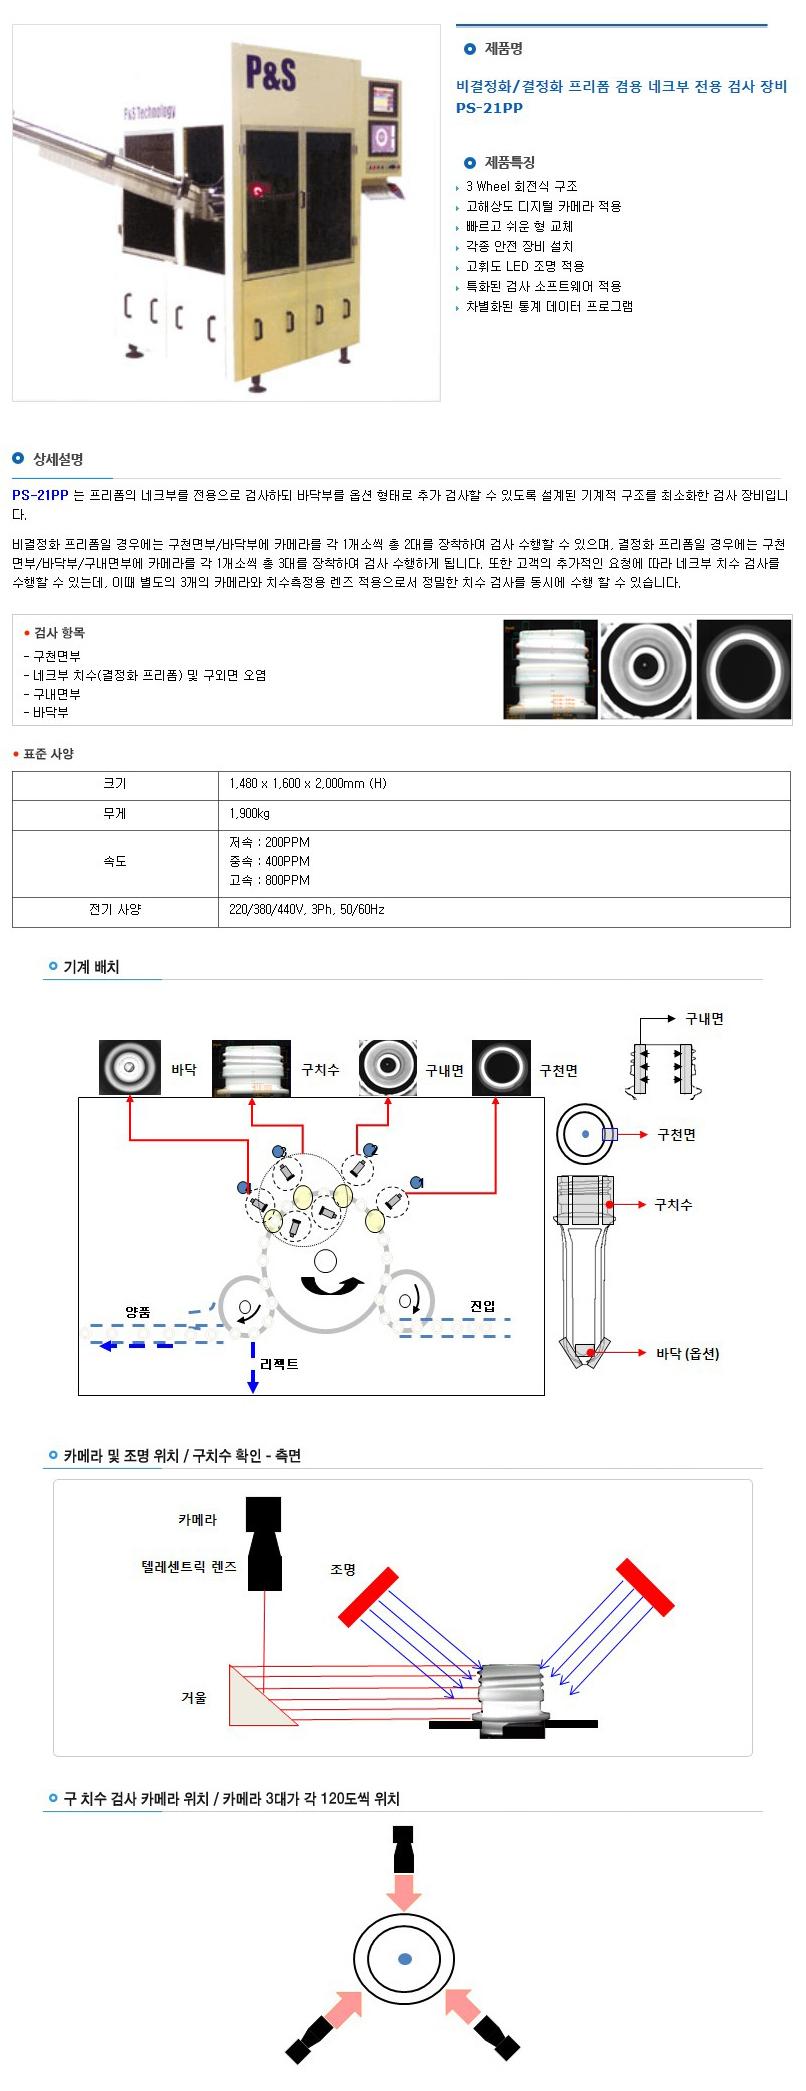 피엔에스테크놀러지(주) 비결정화/결정화 프리폼 겸용 네크부 전용 검사 장비 PS-21PP 1